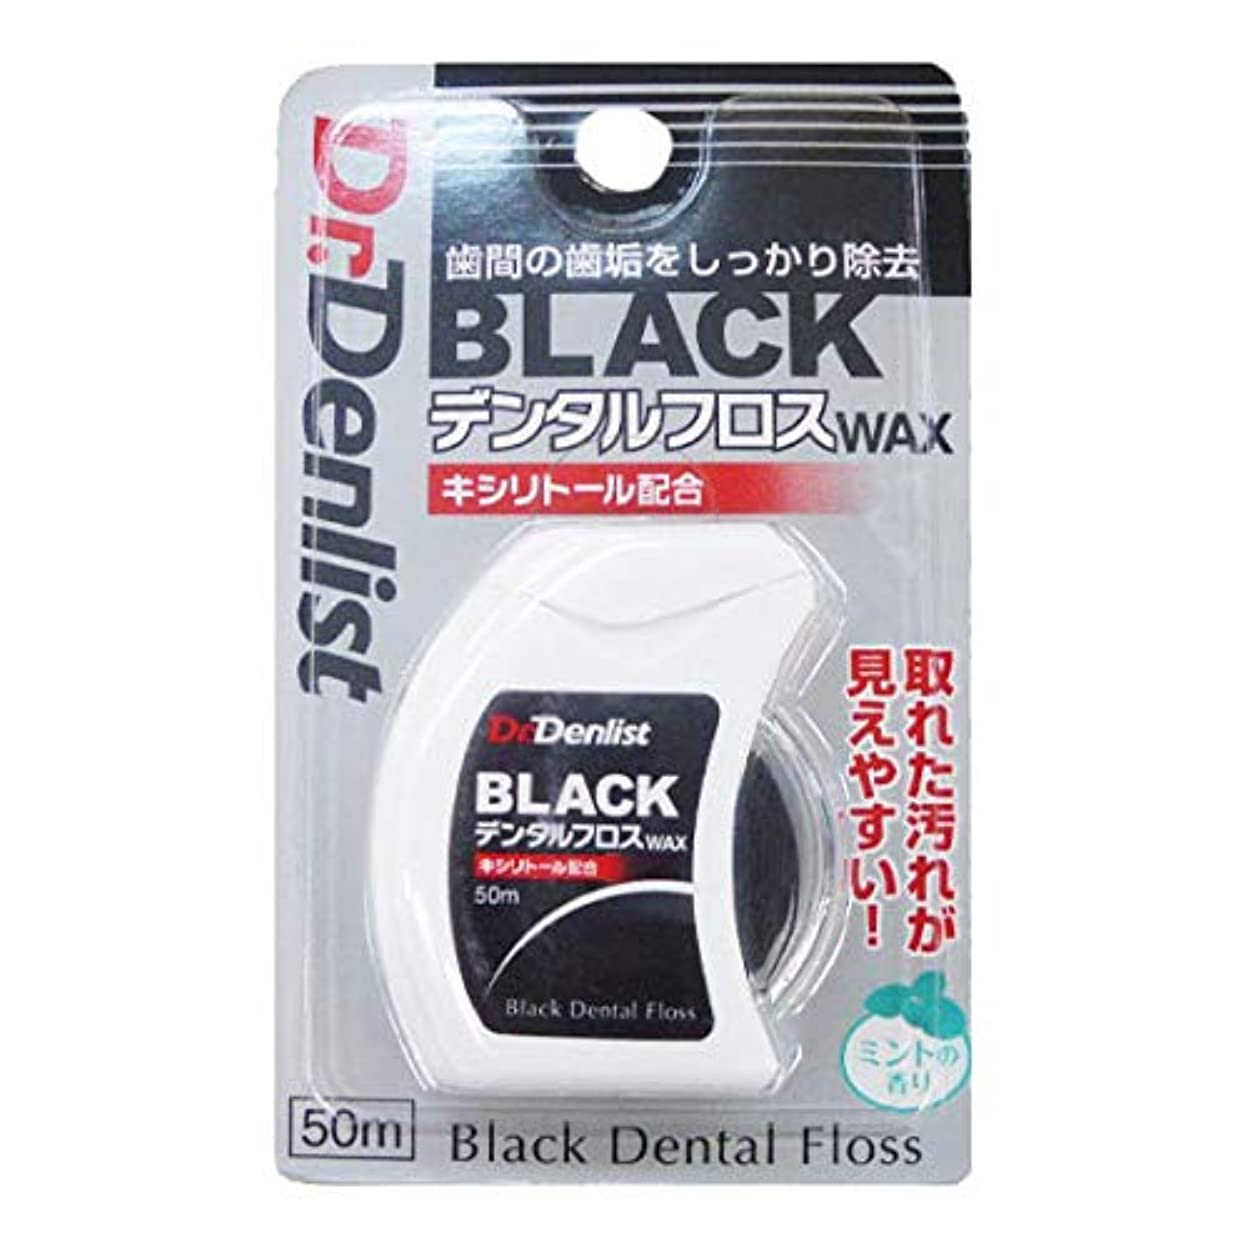 習字流産代数的ブラック デンタルフロス 50m キシリトール配合 フロス 黒